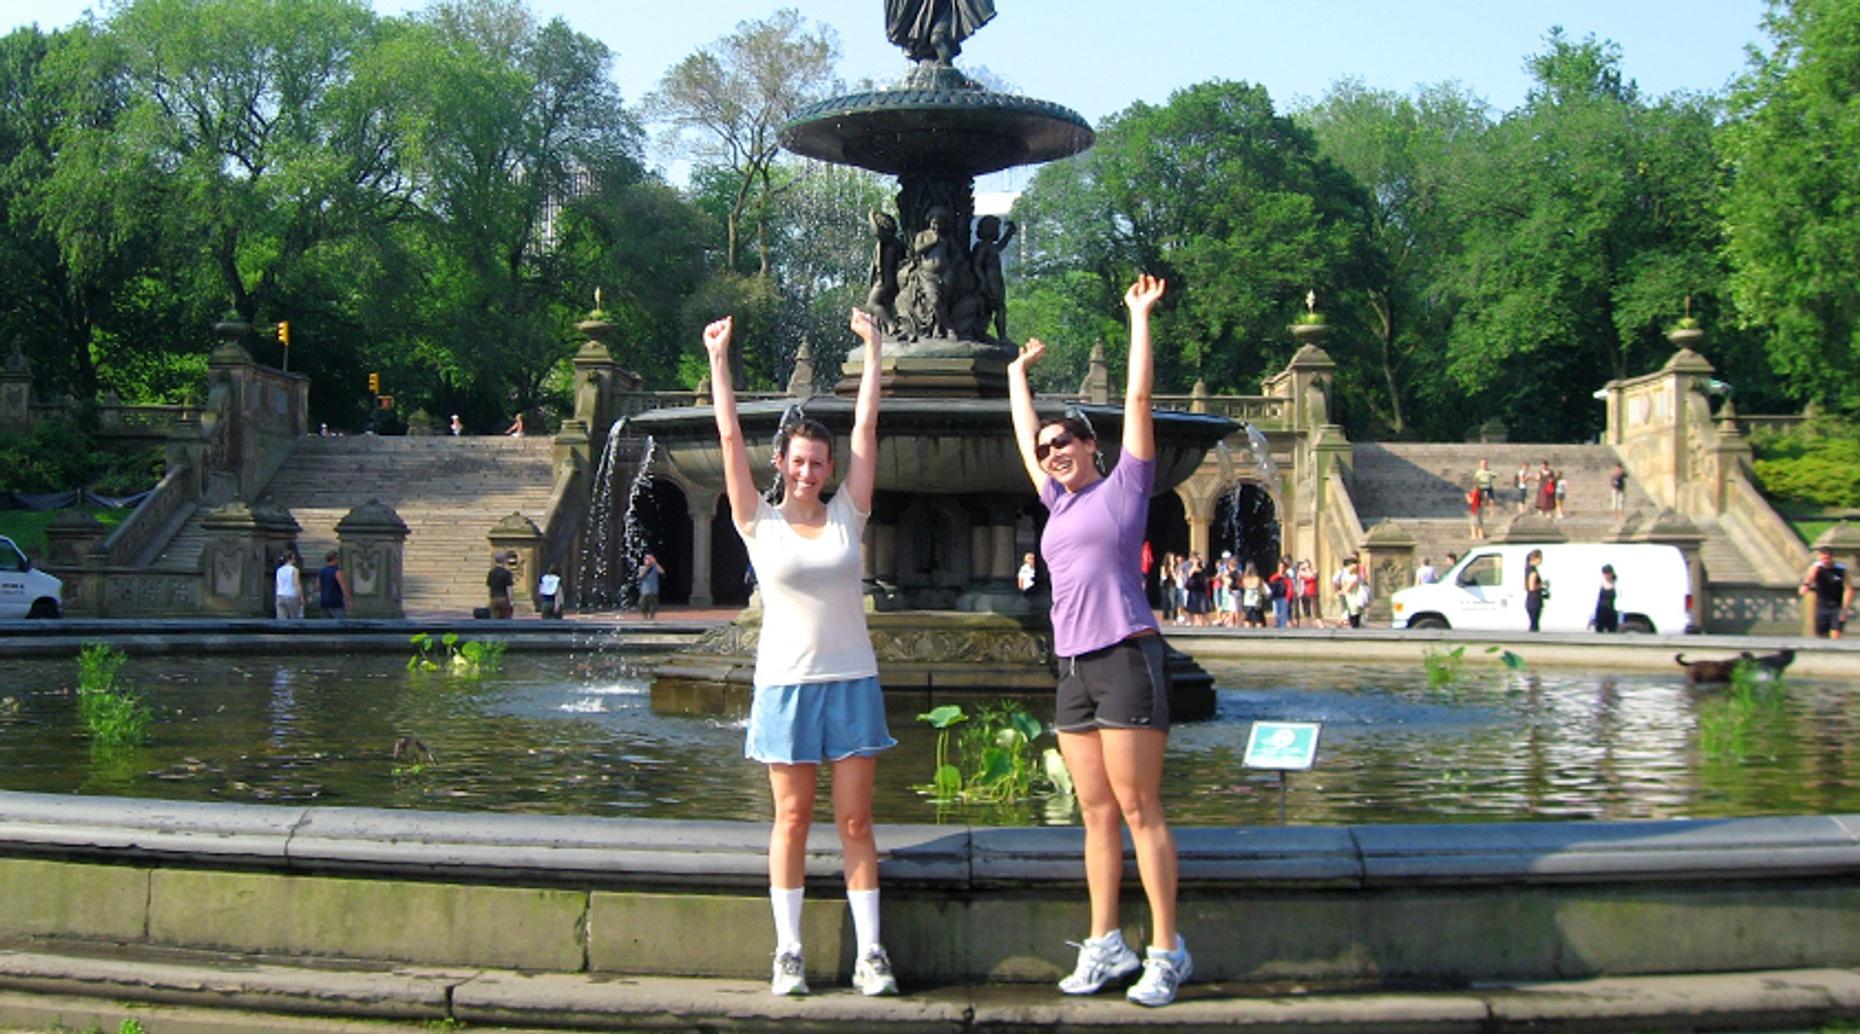 Central Park Running Tour in Manhattan